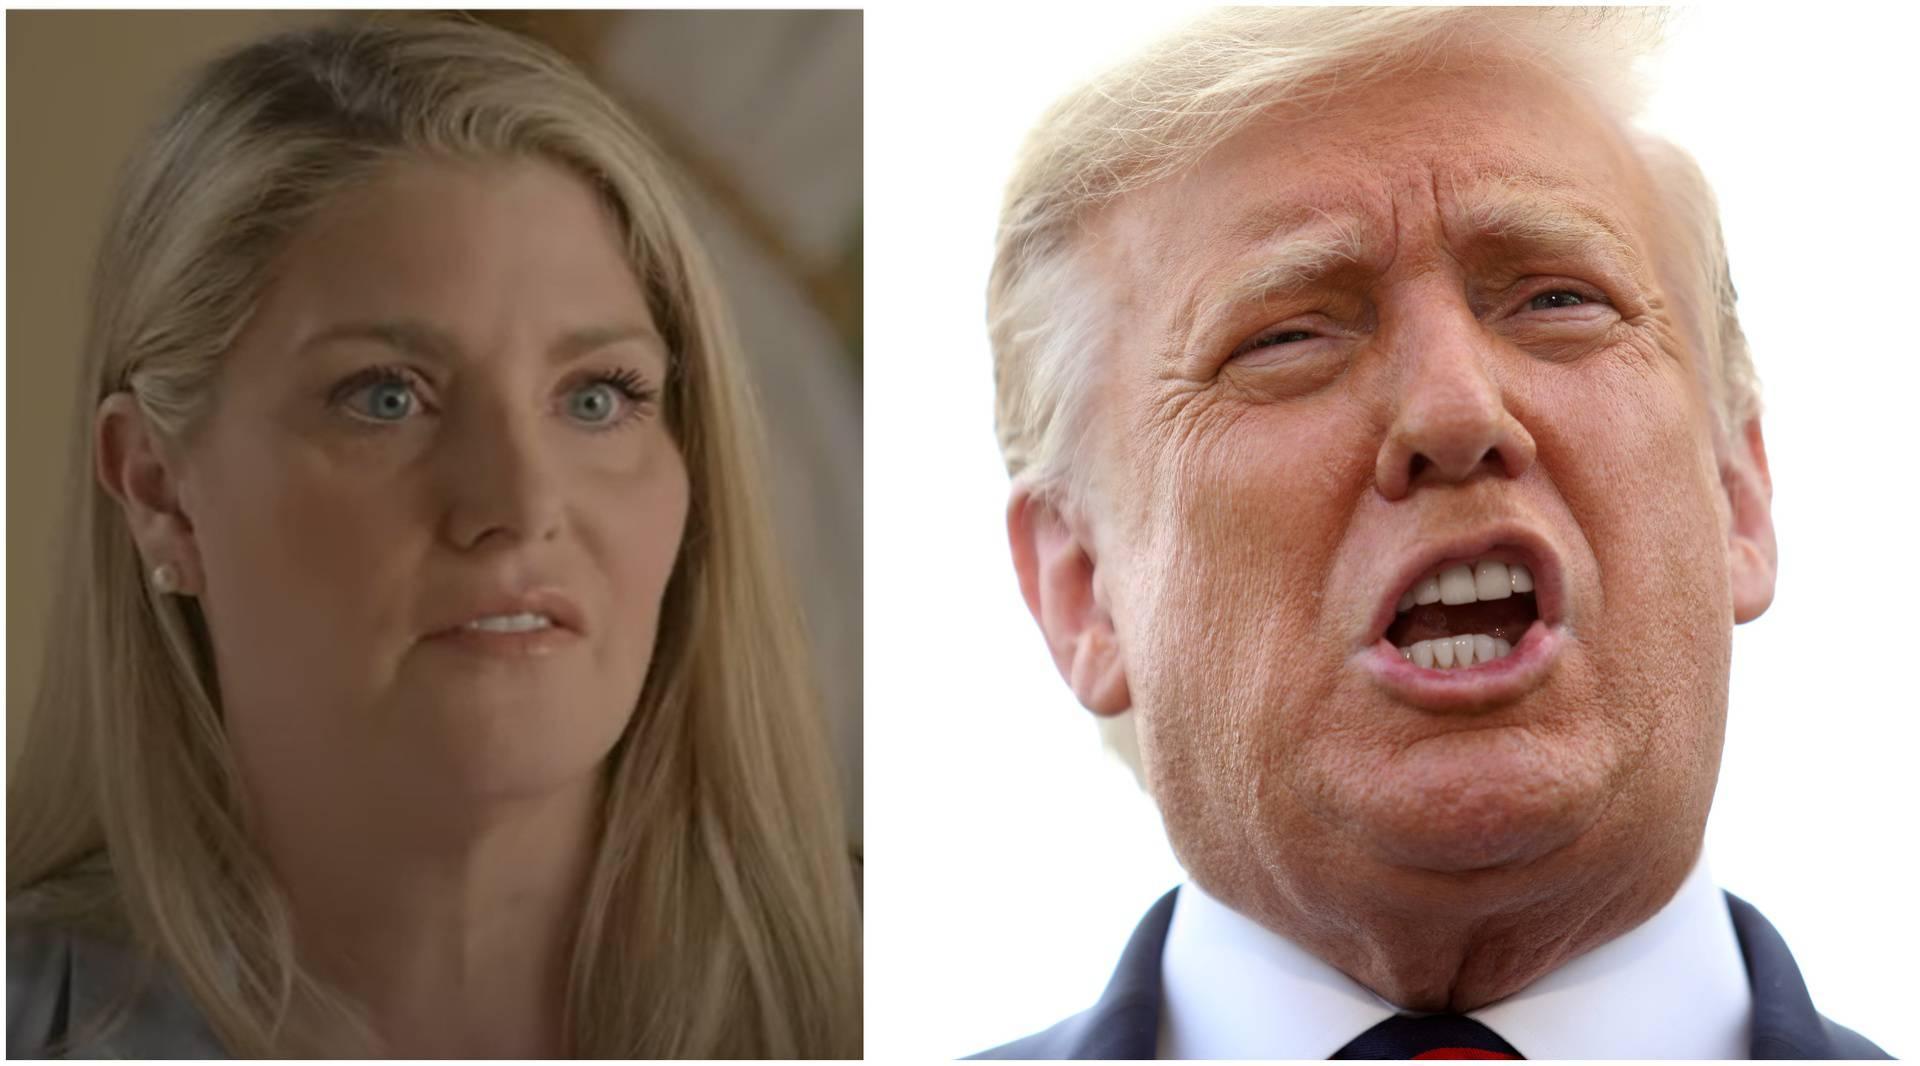 'Gurnuo mi je jezik u grlo, a ja sam ga istisnula zubima': Još jedna žena optužila Trumpa